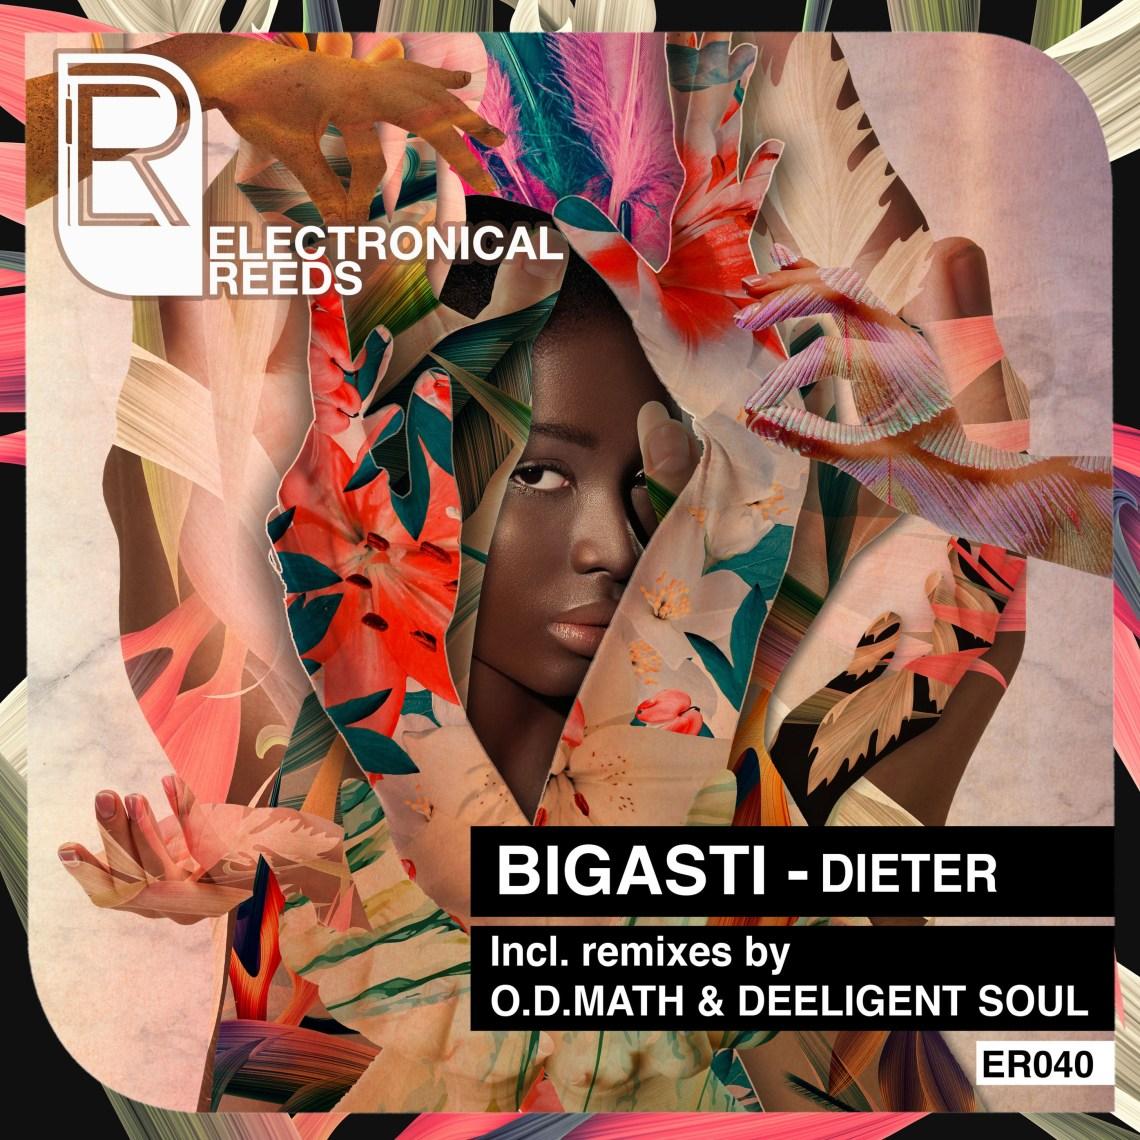 Bigasti - Dieter (incl. O.D.Math & Deeligent Soul Remix) - Electronical Reeds